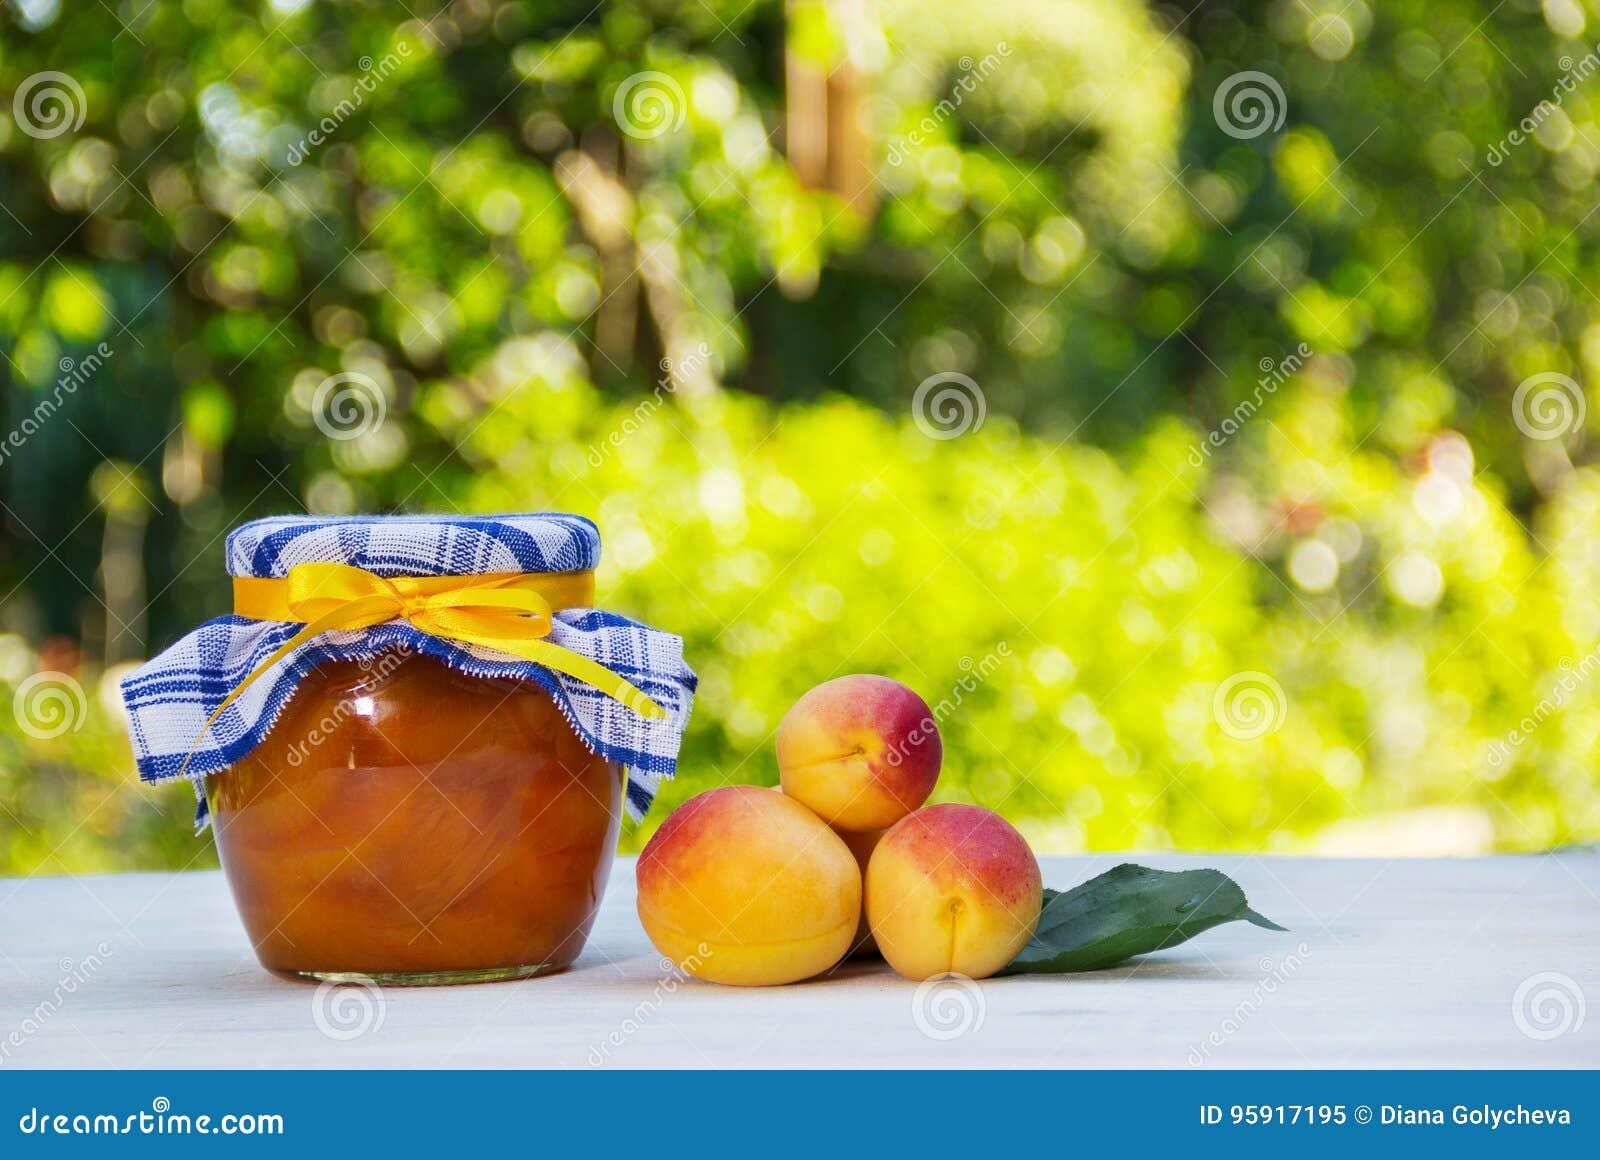 Confiture faite maison sur un fond naturel vert Un pot de confiture à la maison d abricot et d abricots frais sur une table blanc